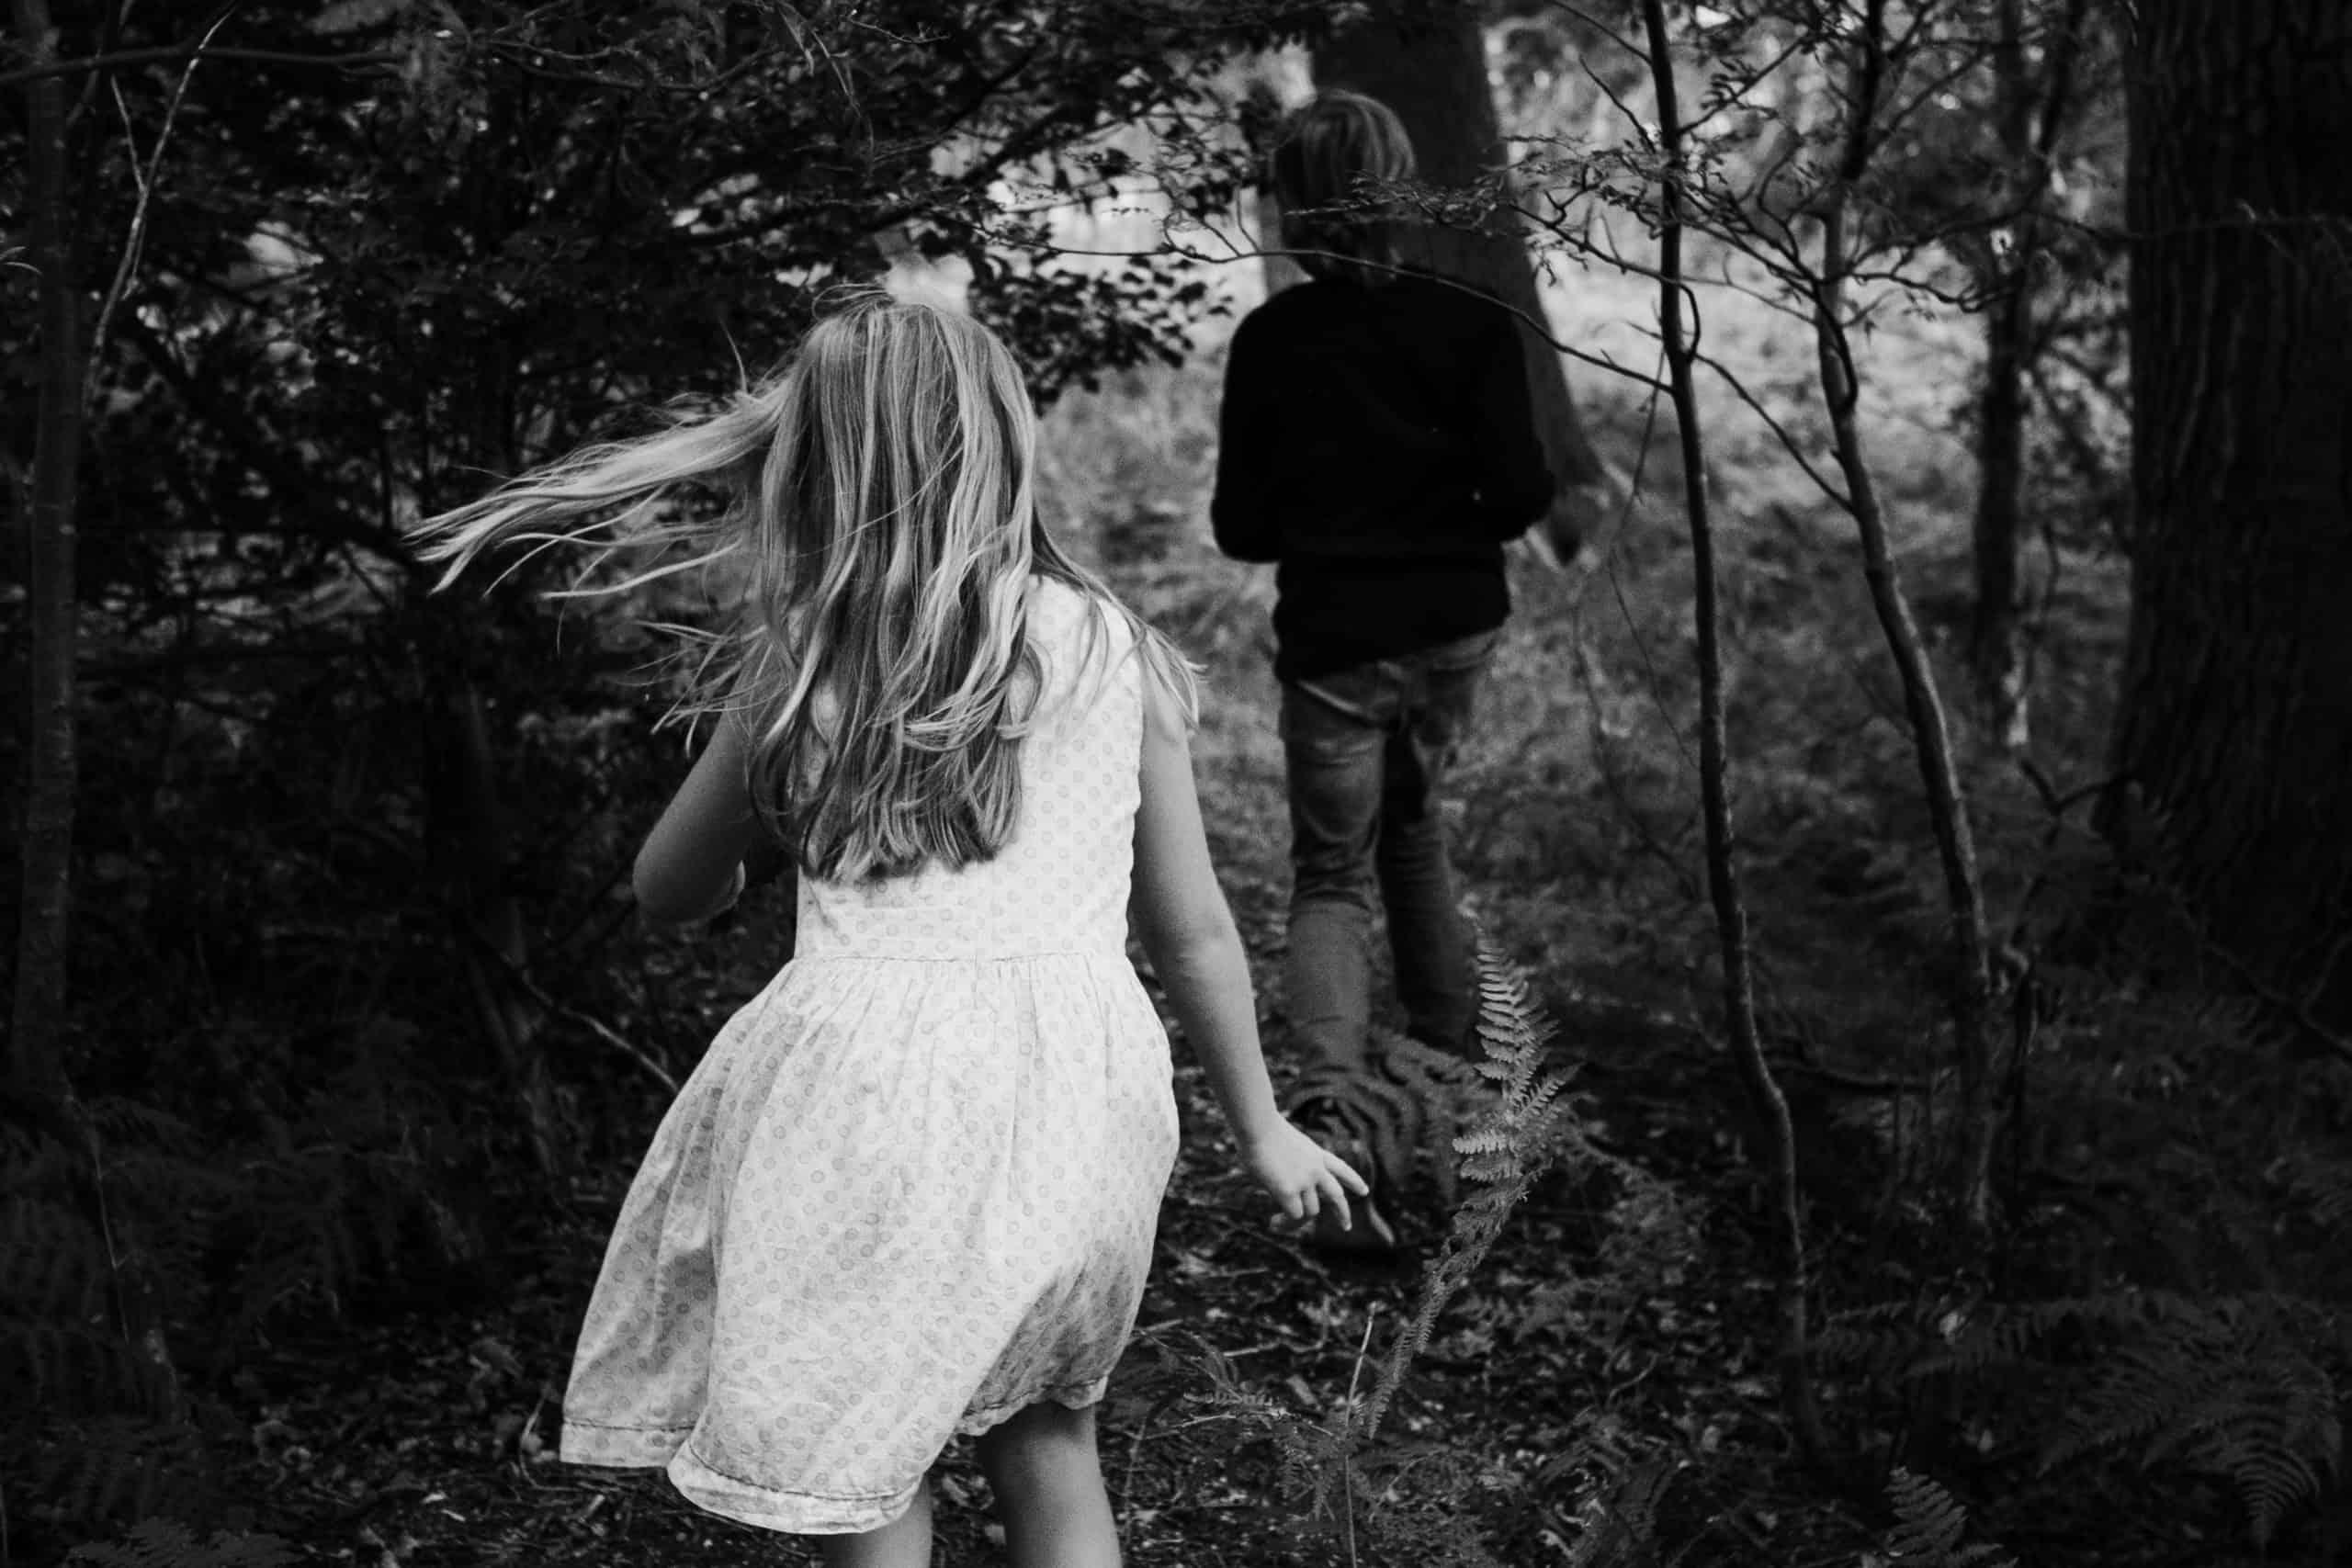 ein Mädchen und ein Junge ( sie sind Geschwister) streifen durch einen Wald , um sie herum ist großer Fahn